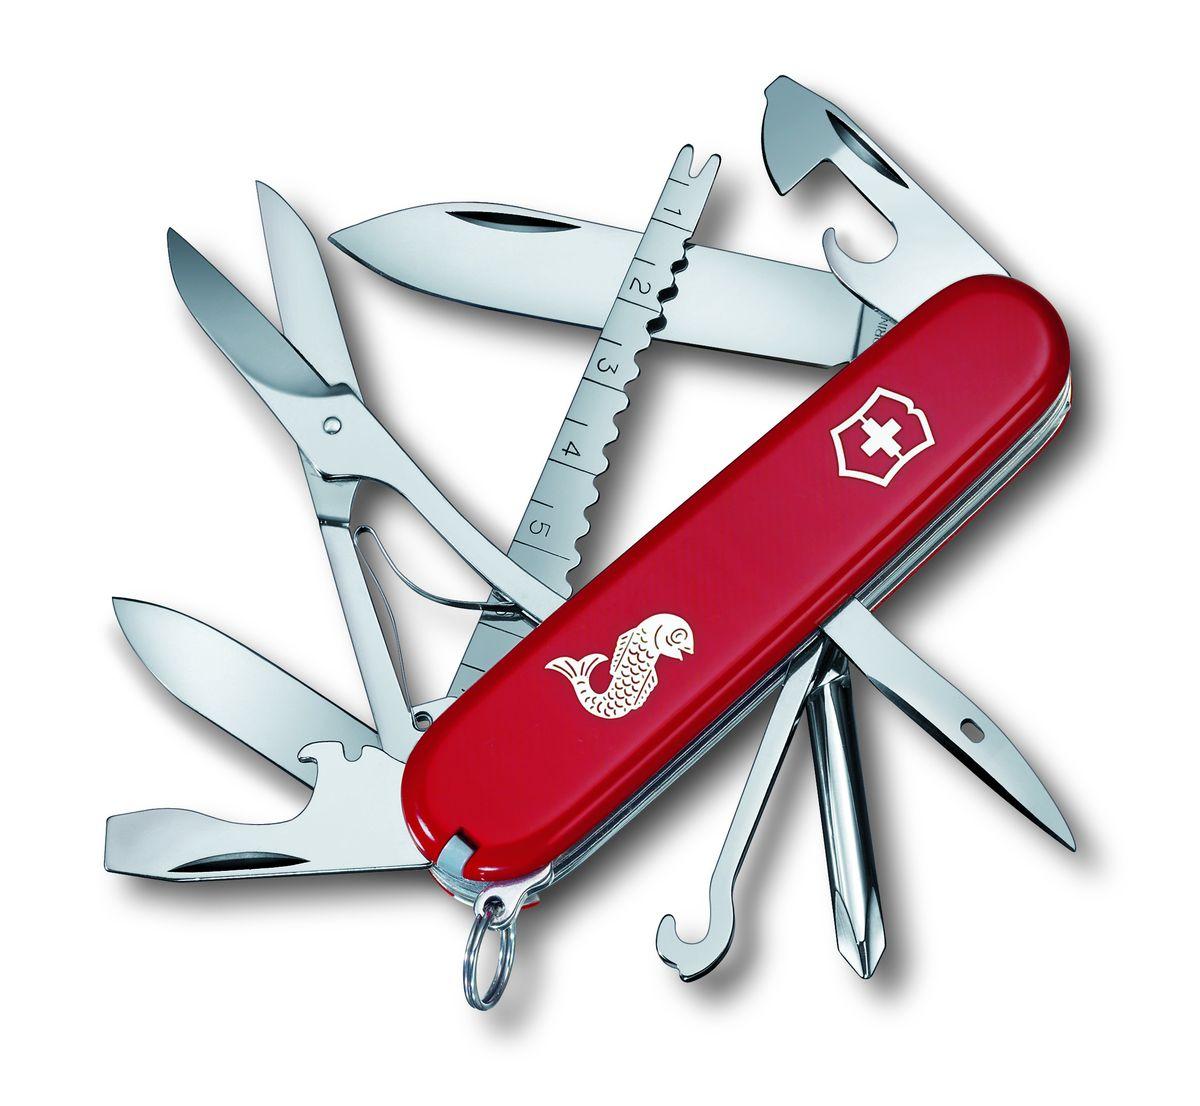 Нож перочинный Victorinox Fisherman 1.4733.72, цвет: красный1.4733.72Швейцарский армейский нож FISHERMAN имеет 18 функций: 1. Большое лезвие 2. Малое лезвие 3. Крестовая отвёртка 4. Консервный нож с: 5. – Малой отвёрткой6. Открывалка для бутылок с:7. – Отвёрткой8. – Инструментом для снятия изоляции9. Шило, кернер10. Кольцо для ключей11. Пинцет12. Зубочистка13. Ножницы14. Многофункциональный крючок15. Инструмент для чистки рыбы с:16. – Инструментом для извлечения рыболовного крючка17. – Линейкой (сантиметры)18. – Линейкой (дюймы)Цвет рукояти: красный